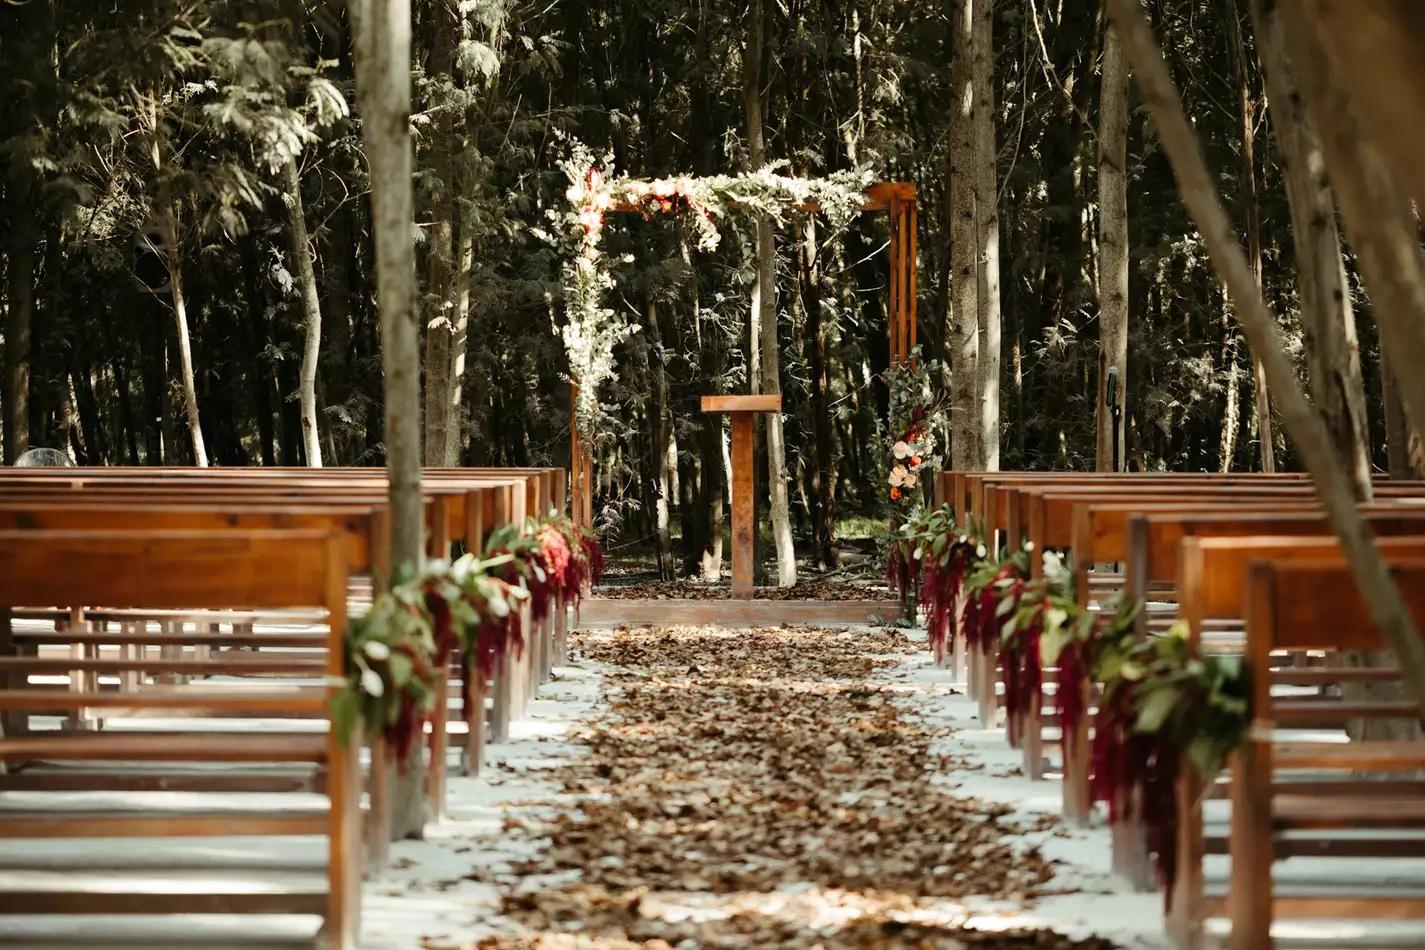 JnzSqA7GOgw - Арка для свадебной церемонии в 2021 году: 38 идей деревянной свадебной арки